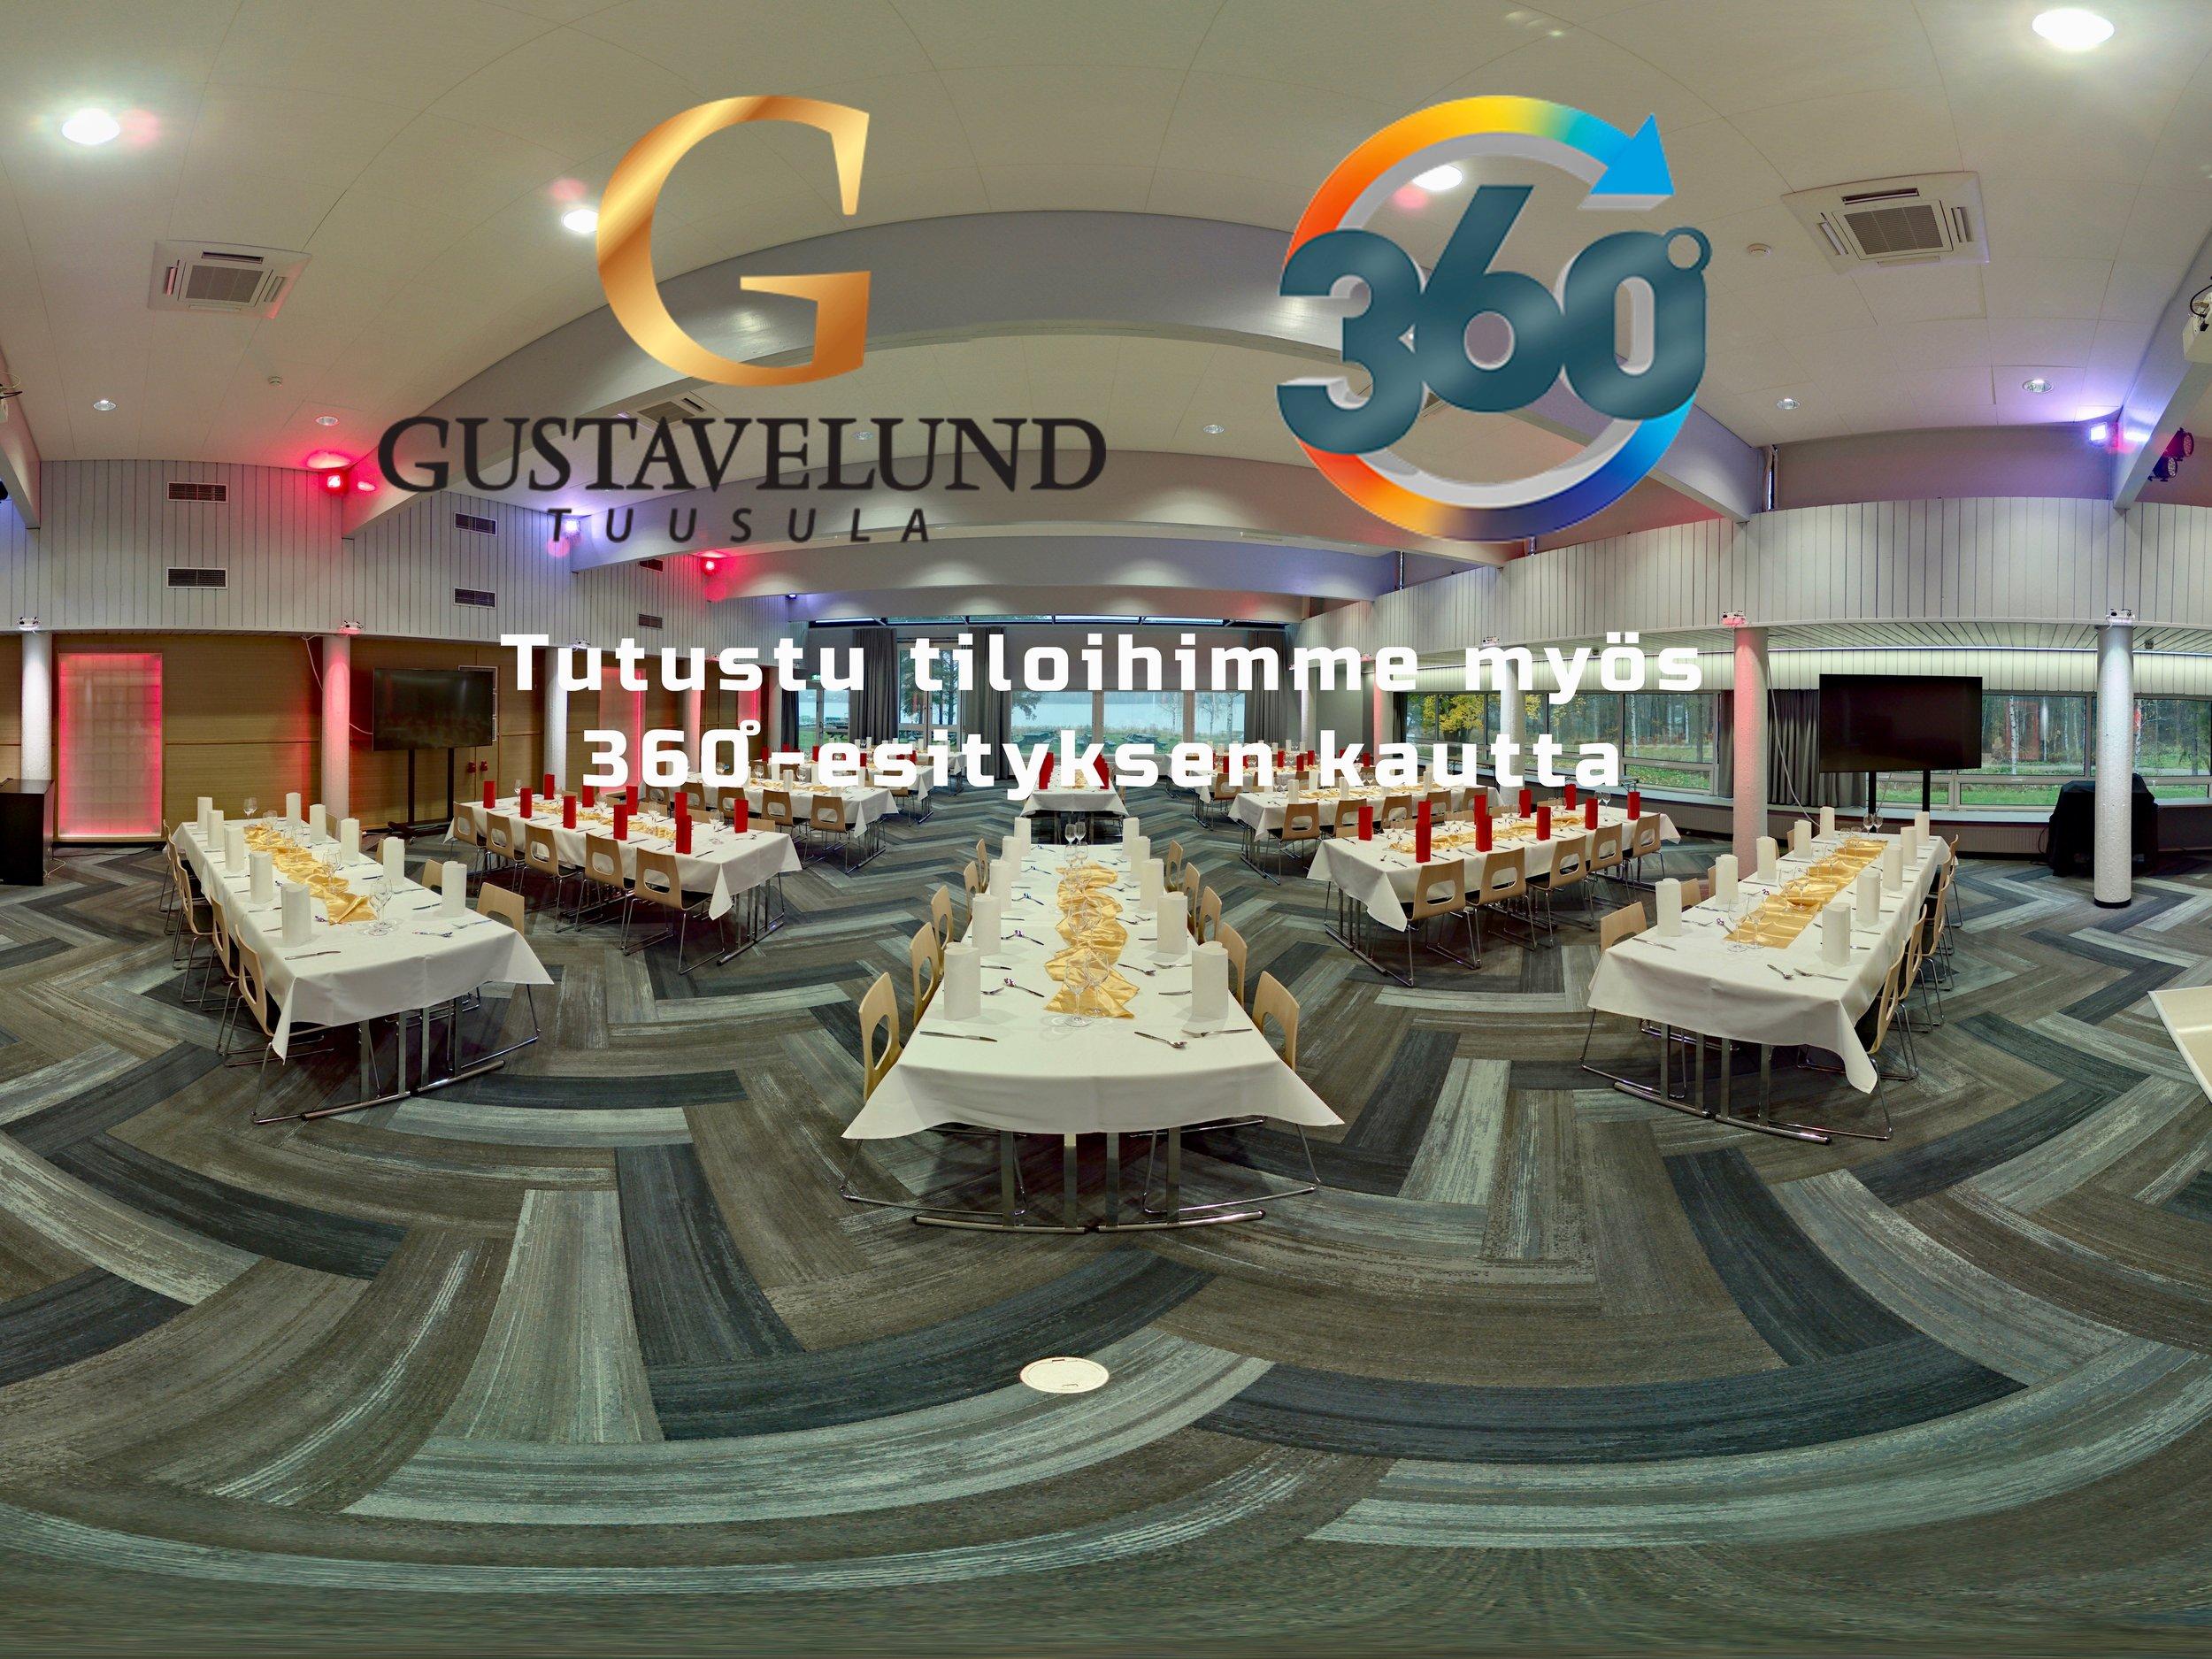 Gustavelund.jpg